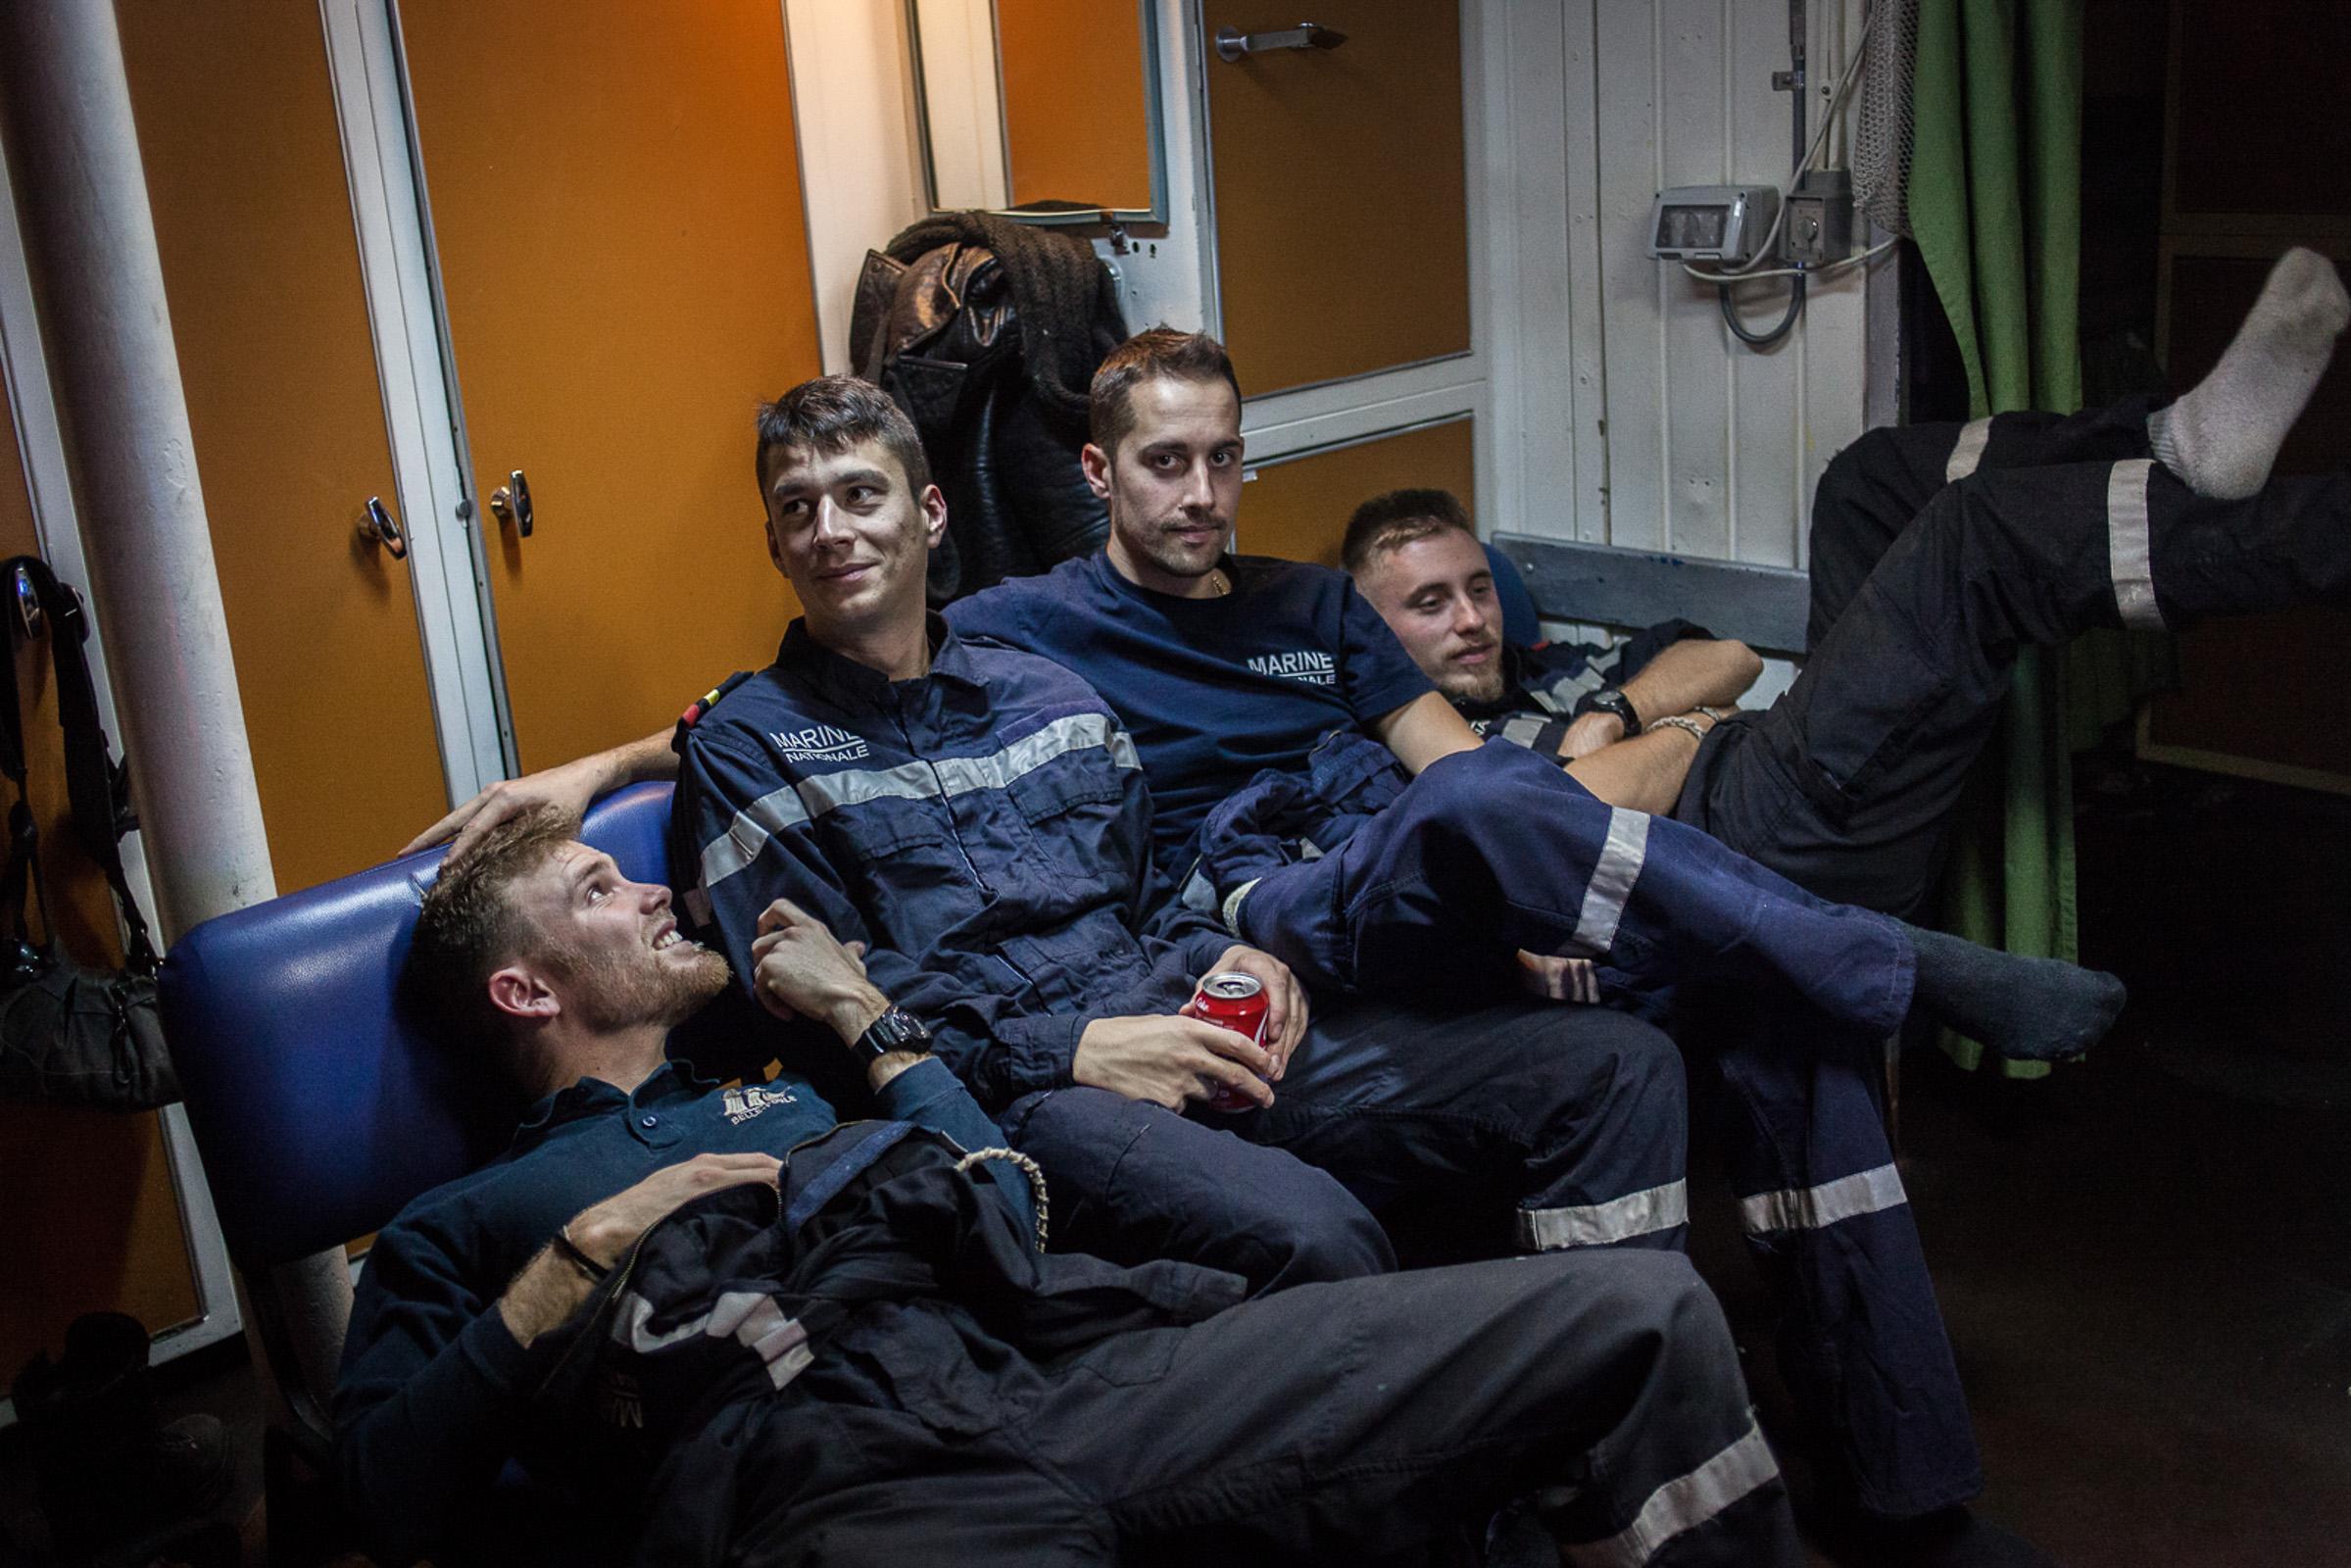 """Mer méditerrannée, 02.12.2015. Moment de détente dans les postes (dortoirs) des matelots de la frégate anti-aérienne le """"Jean bart""""."""